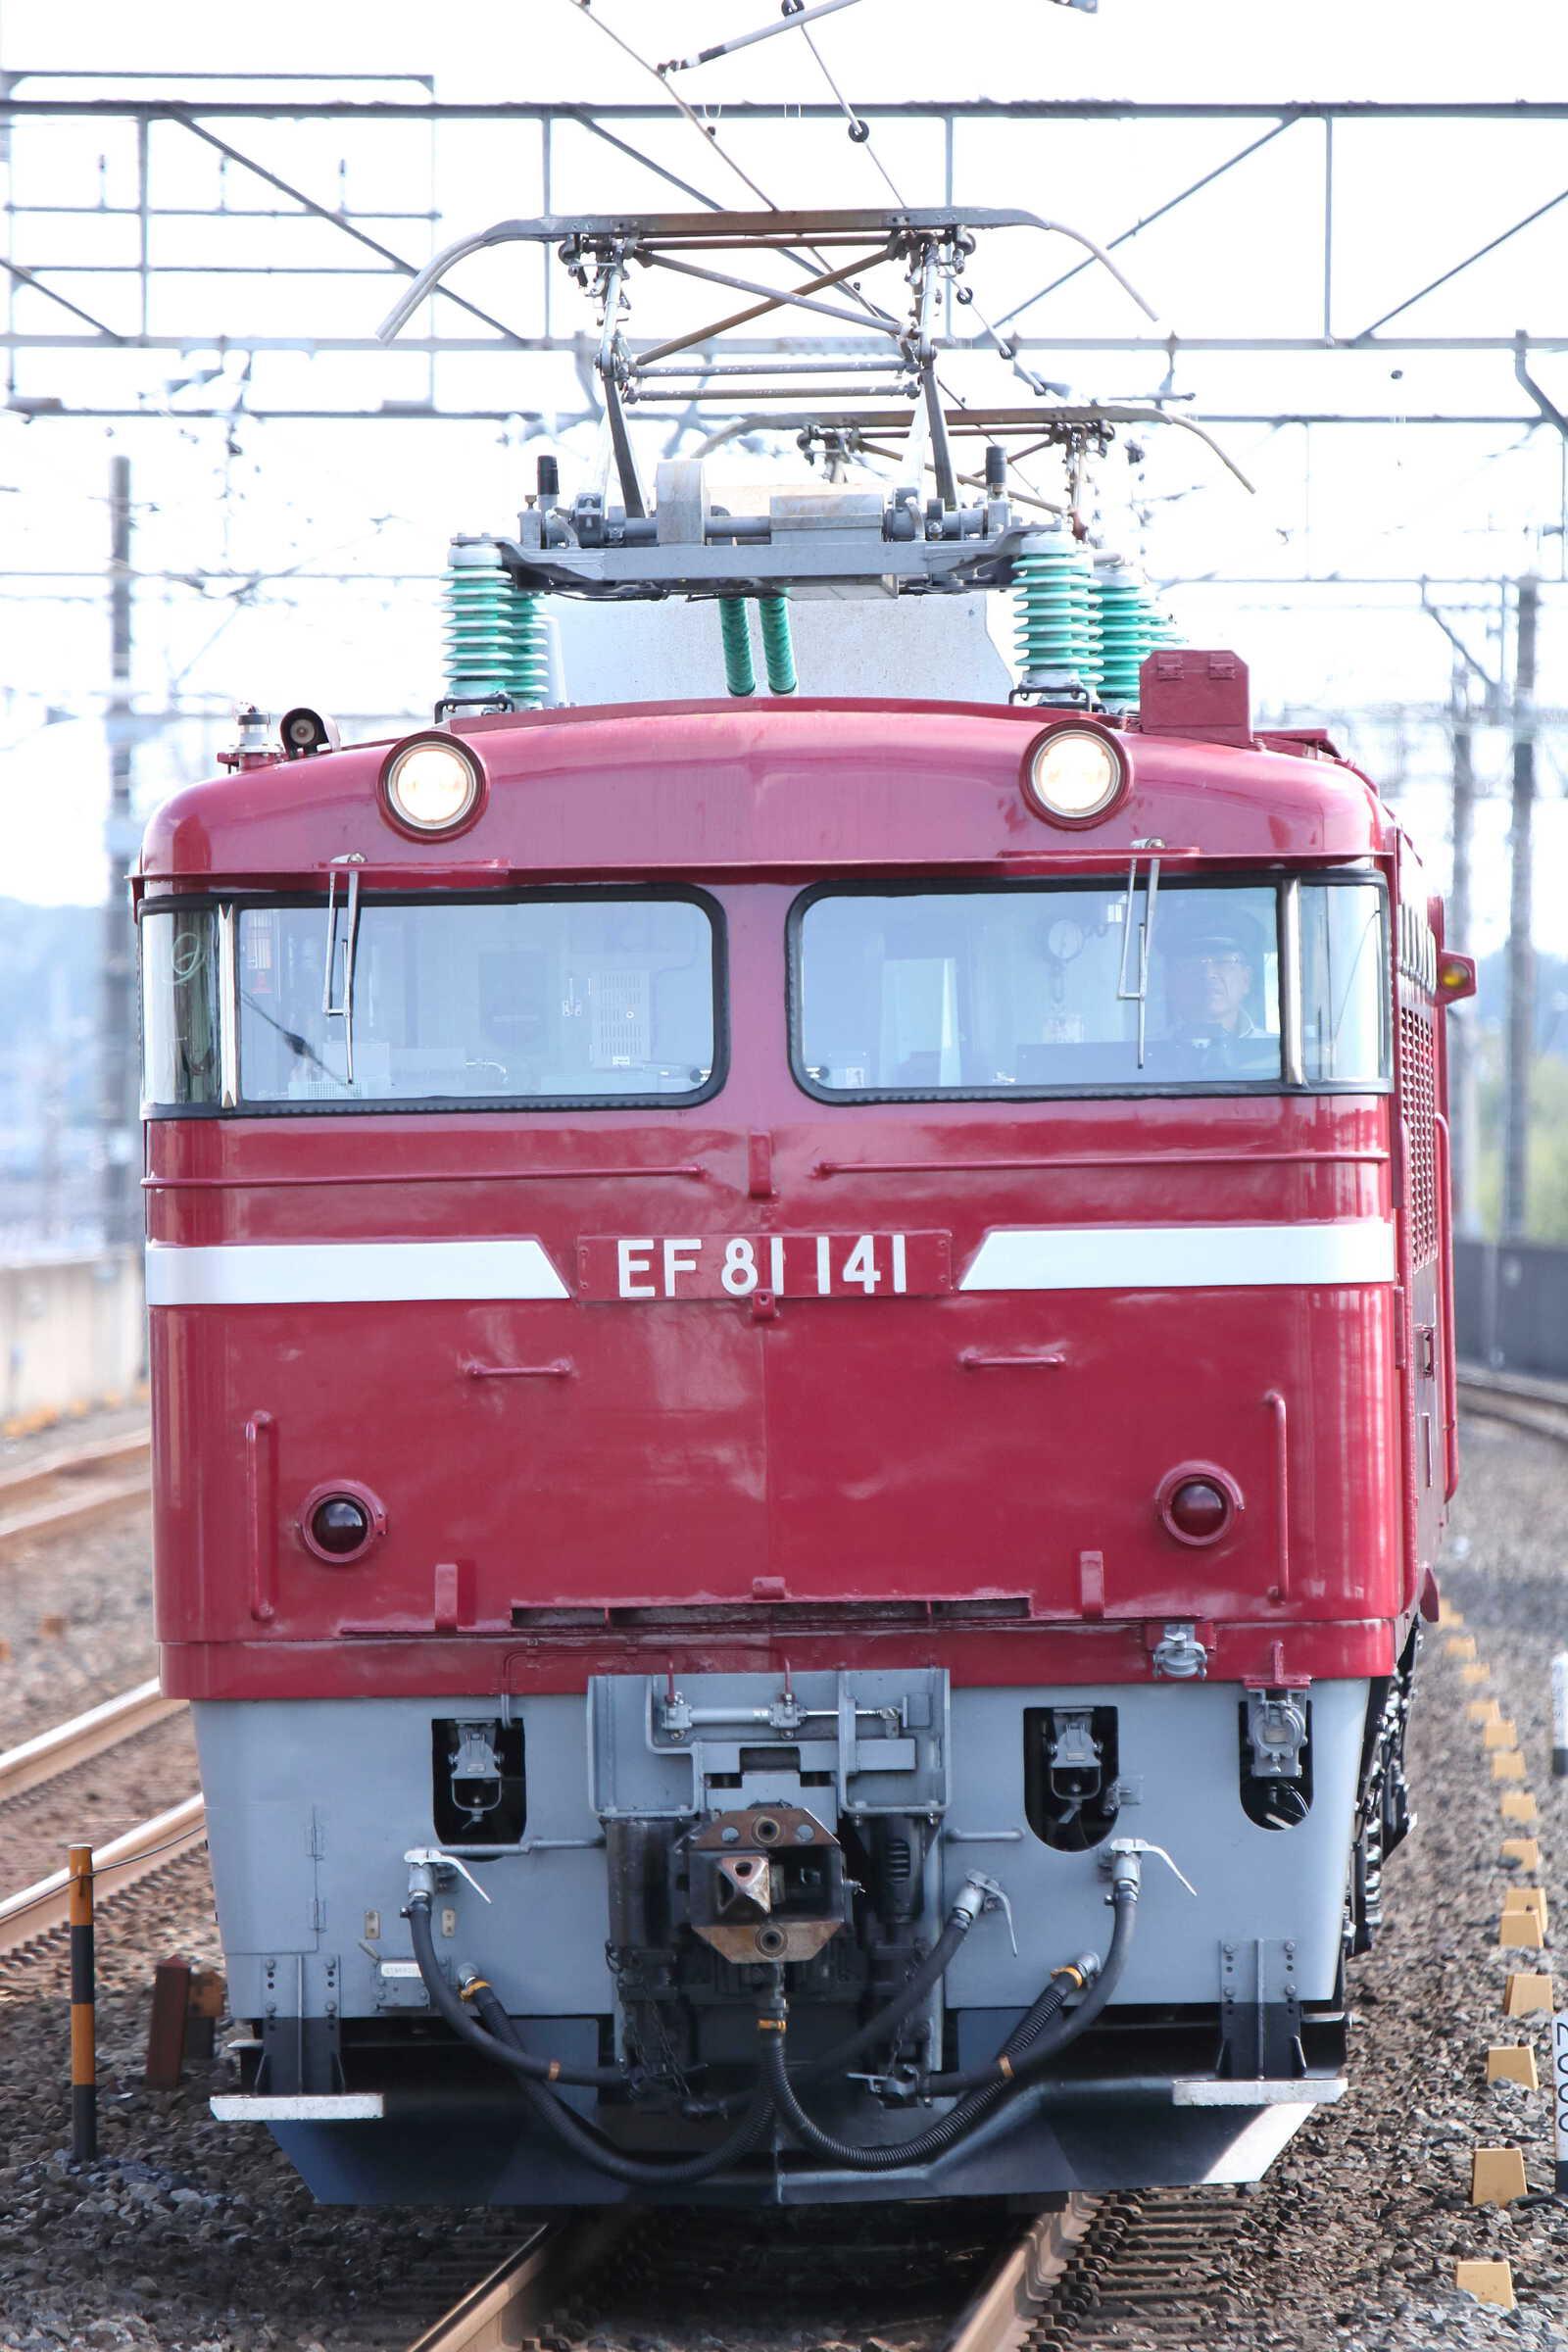 単9133列車 KY出場牽引機送り込み EF81-141②[長岡]<臨A450>